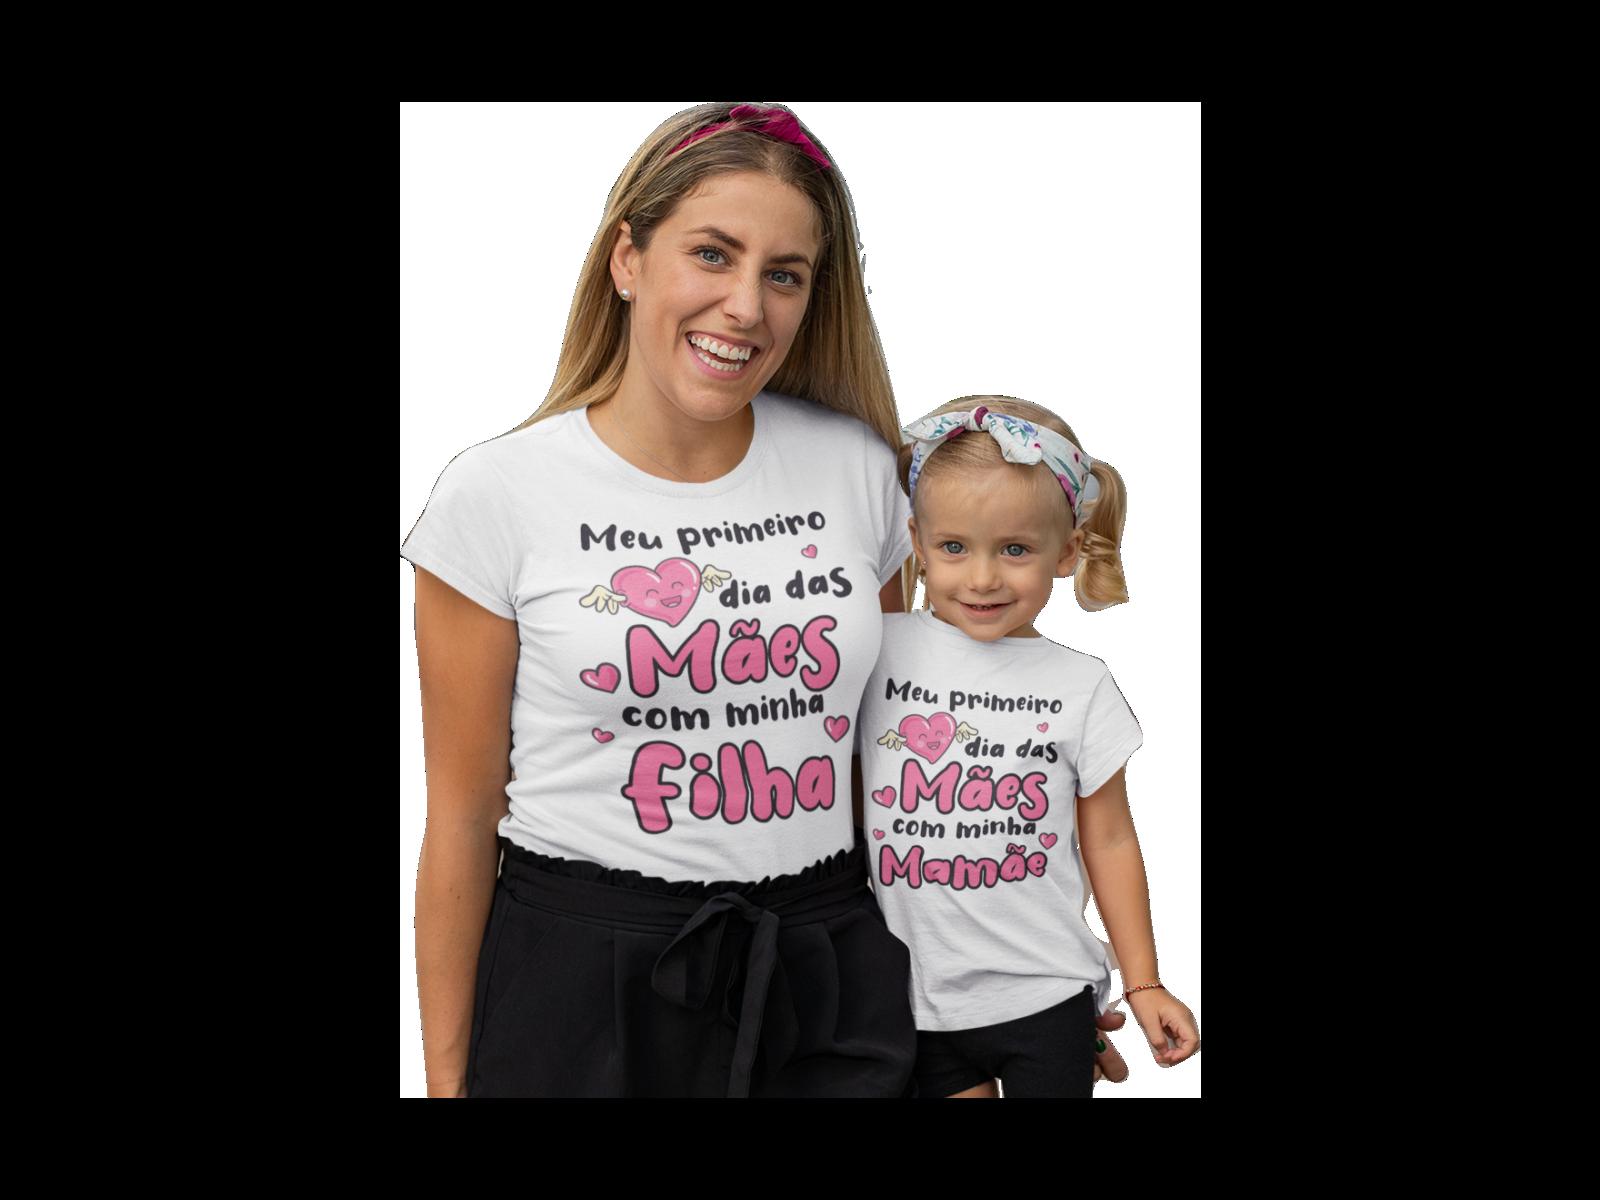 Kit 2 Camisetas Meu Primeiro dia das Mães Filha